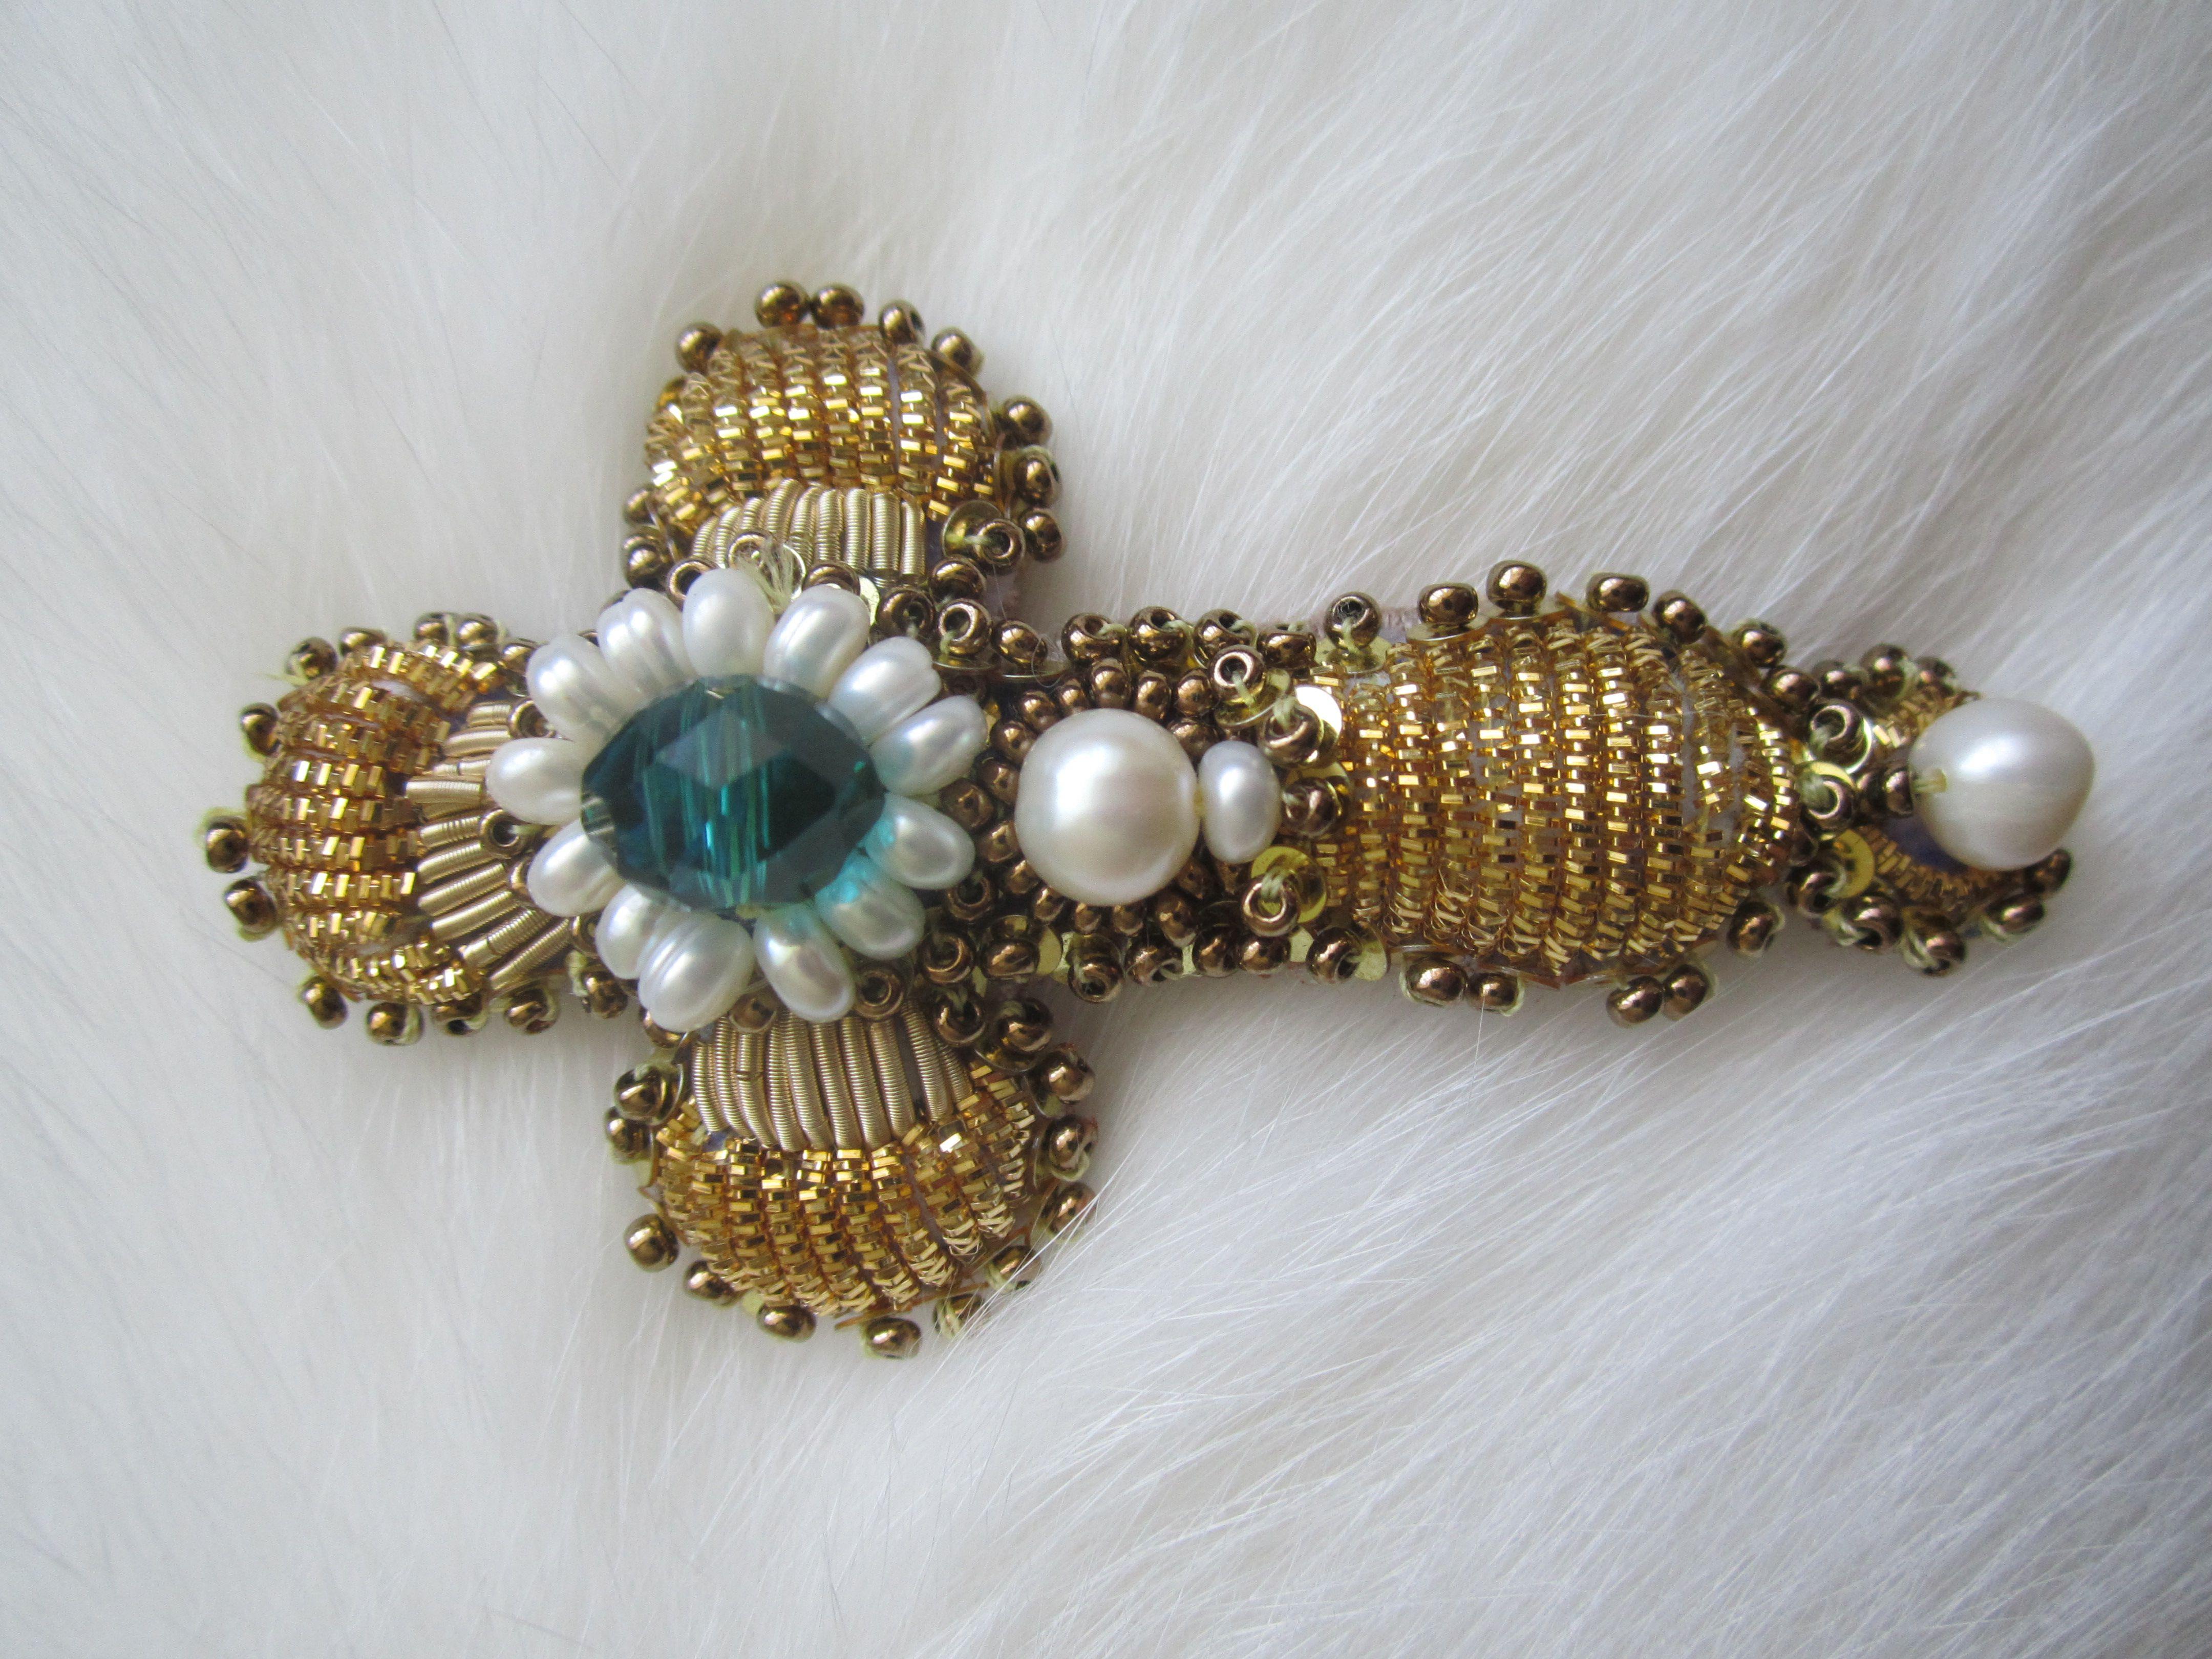 реконструкция золотом паники канитель крест вышивка бисер шитье золотное жемчуг